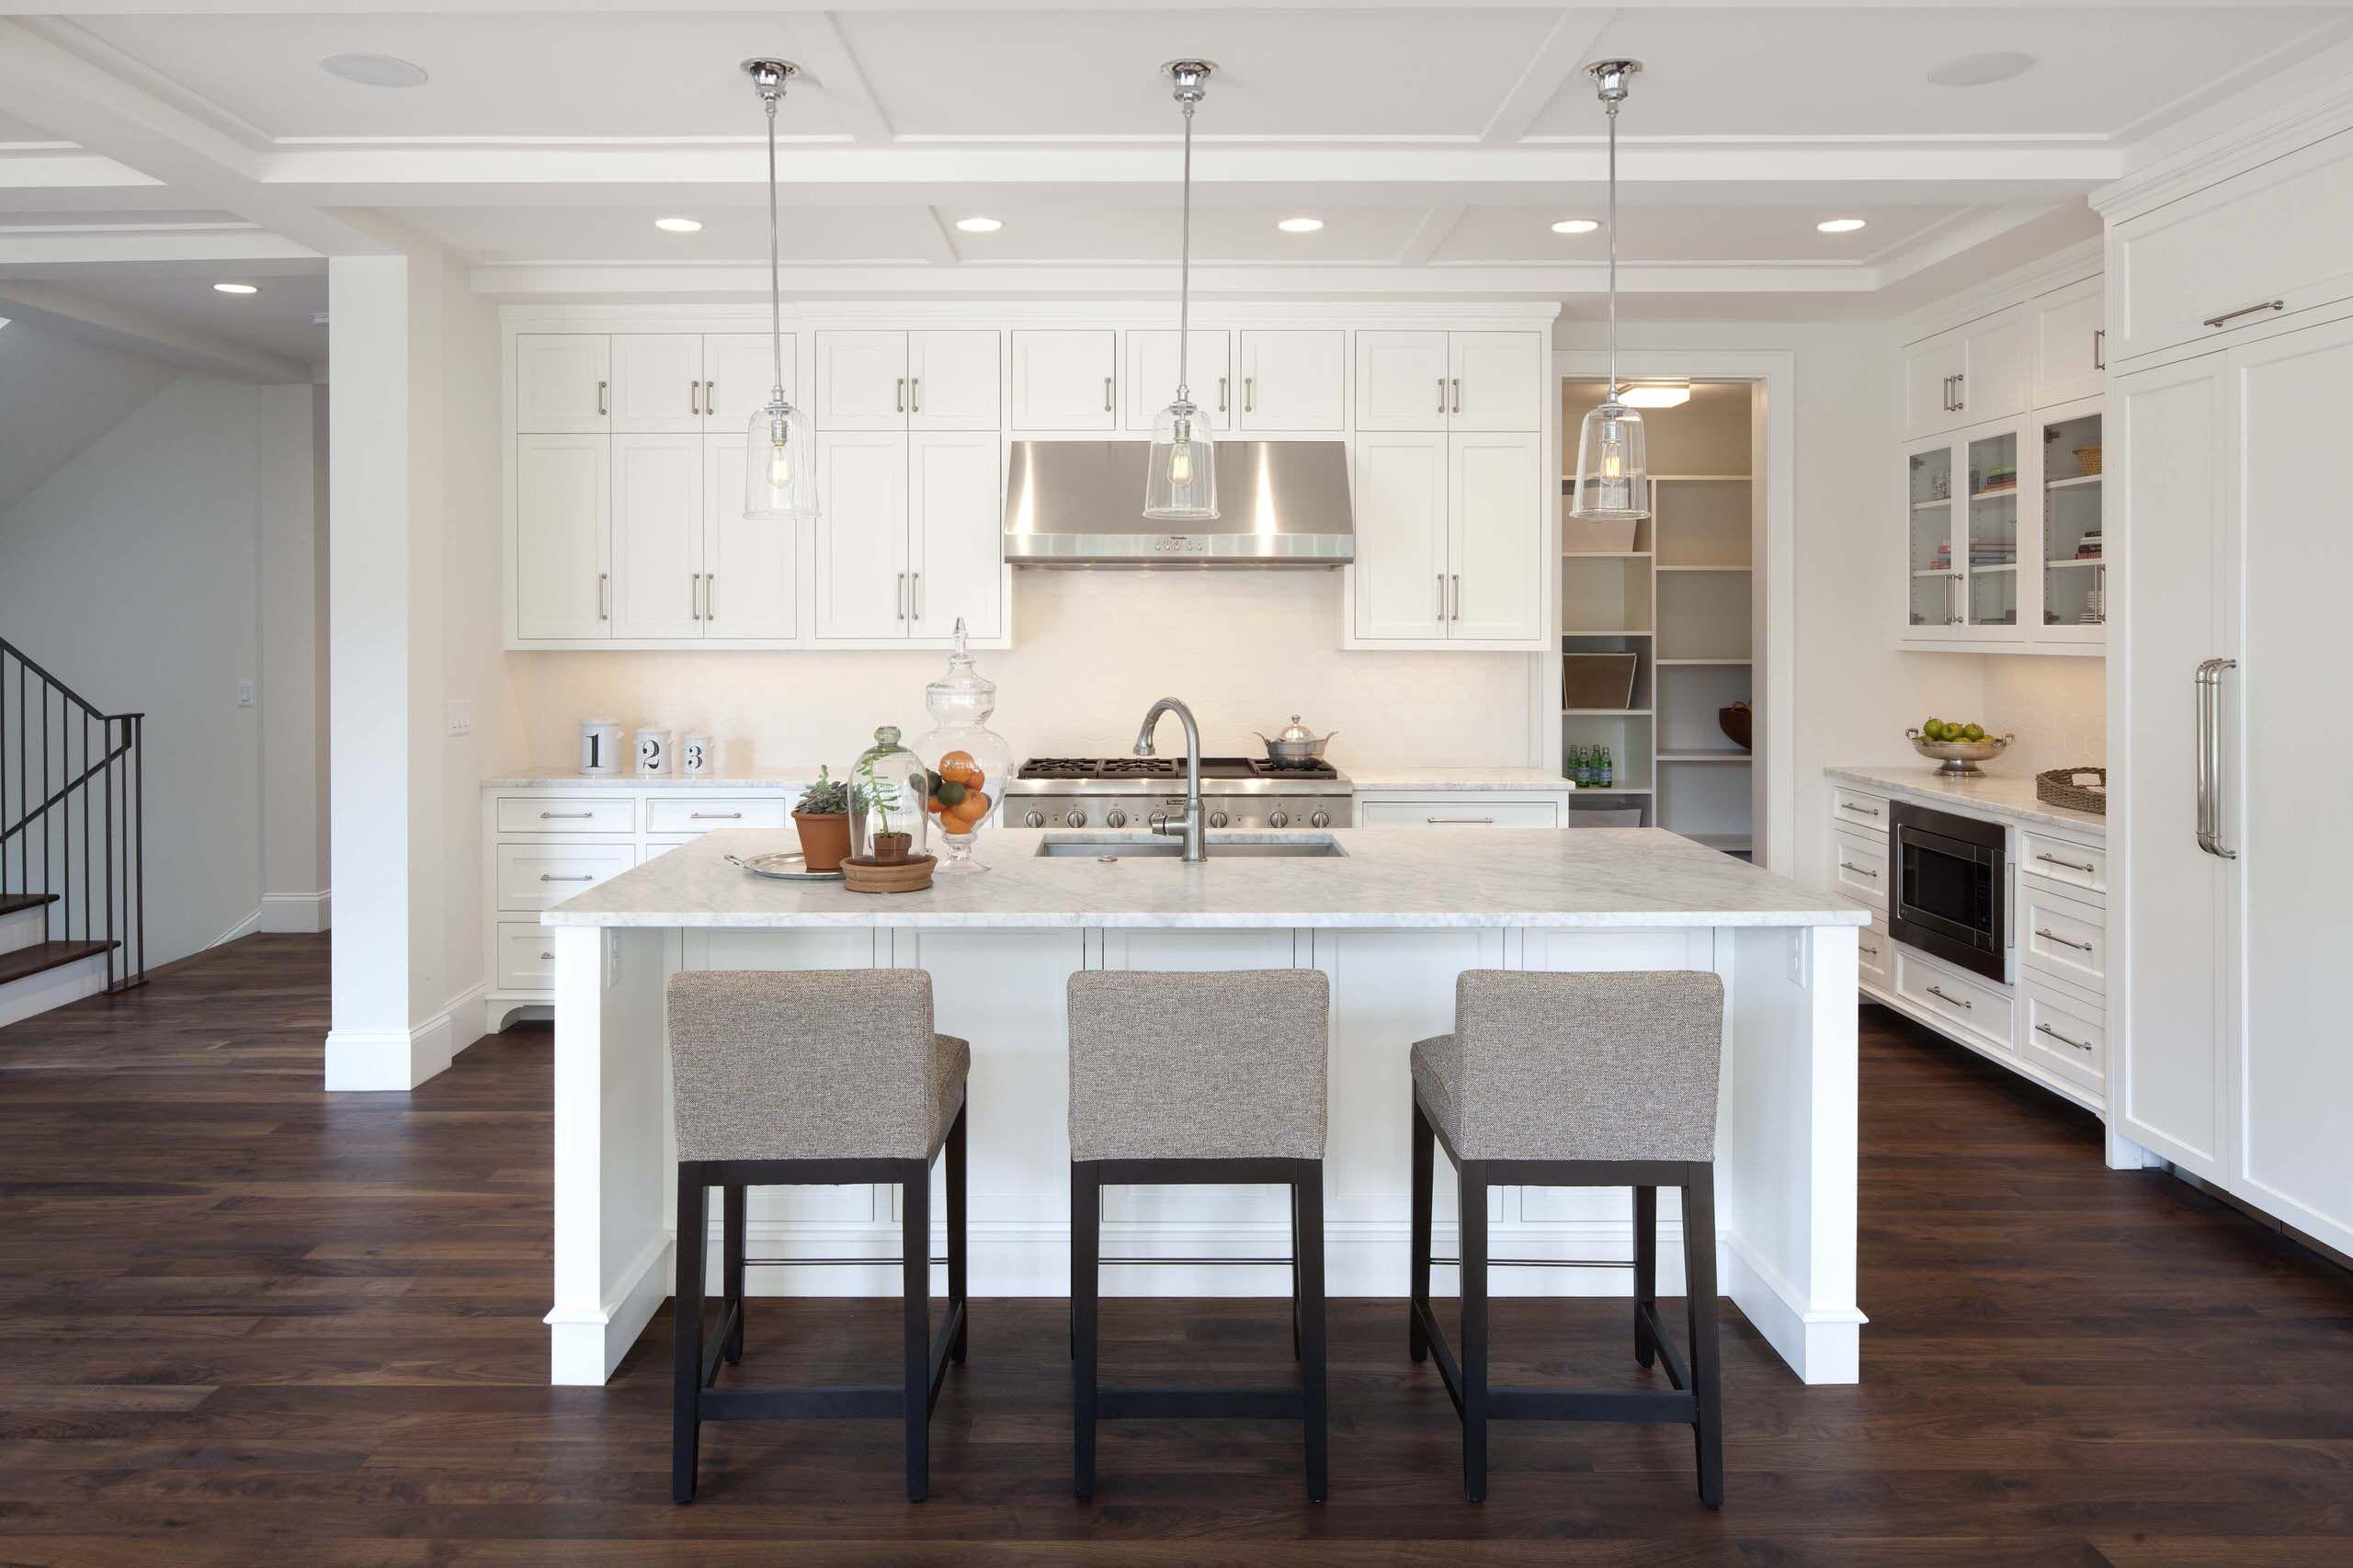 Weiße Küche Bar Hocker | Küche | Pinterest | Marble countertops ...